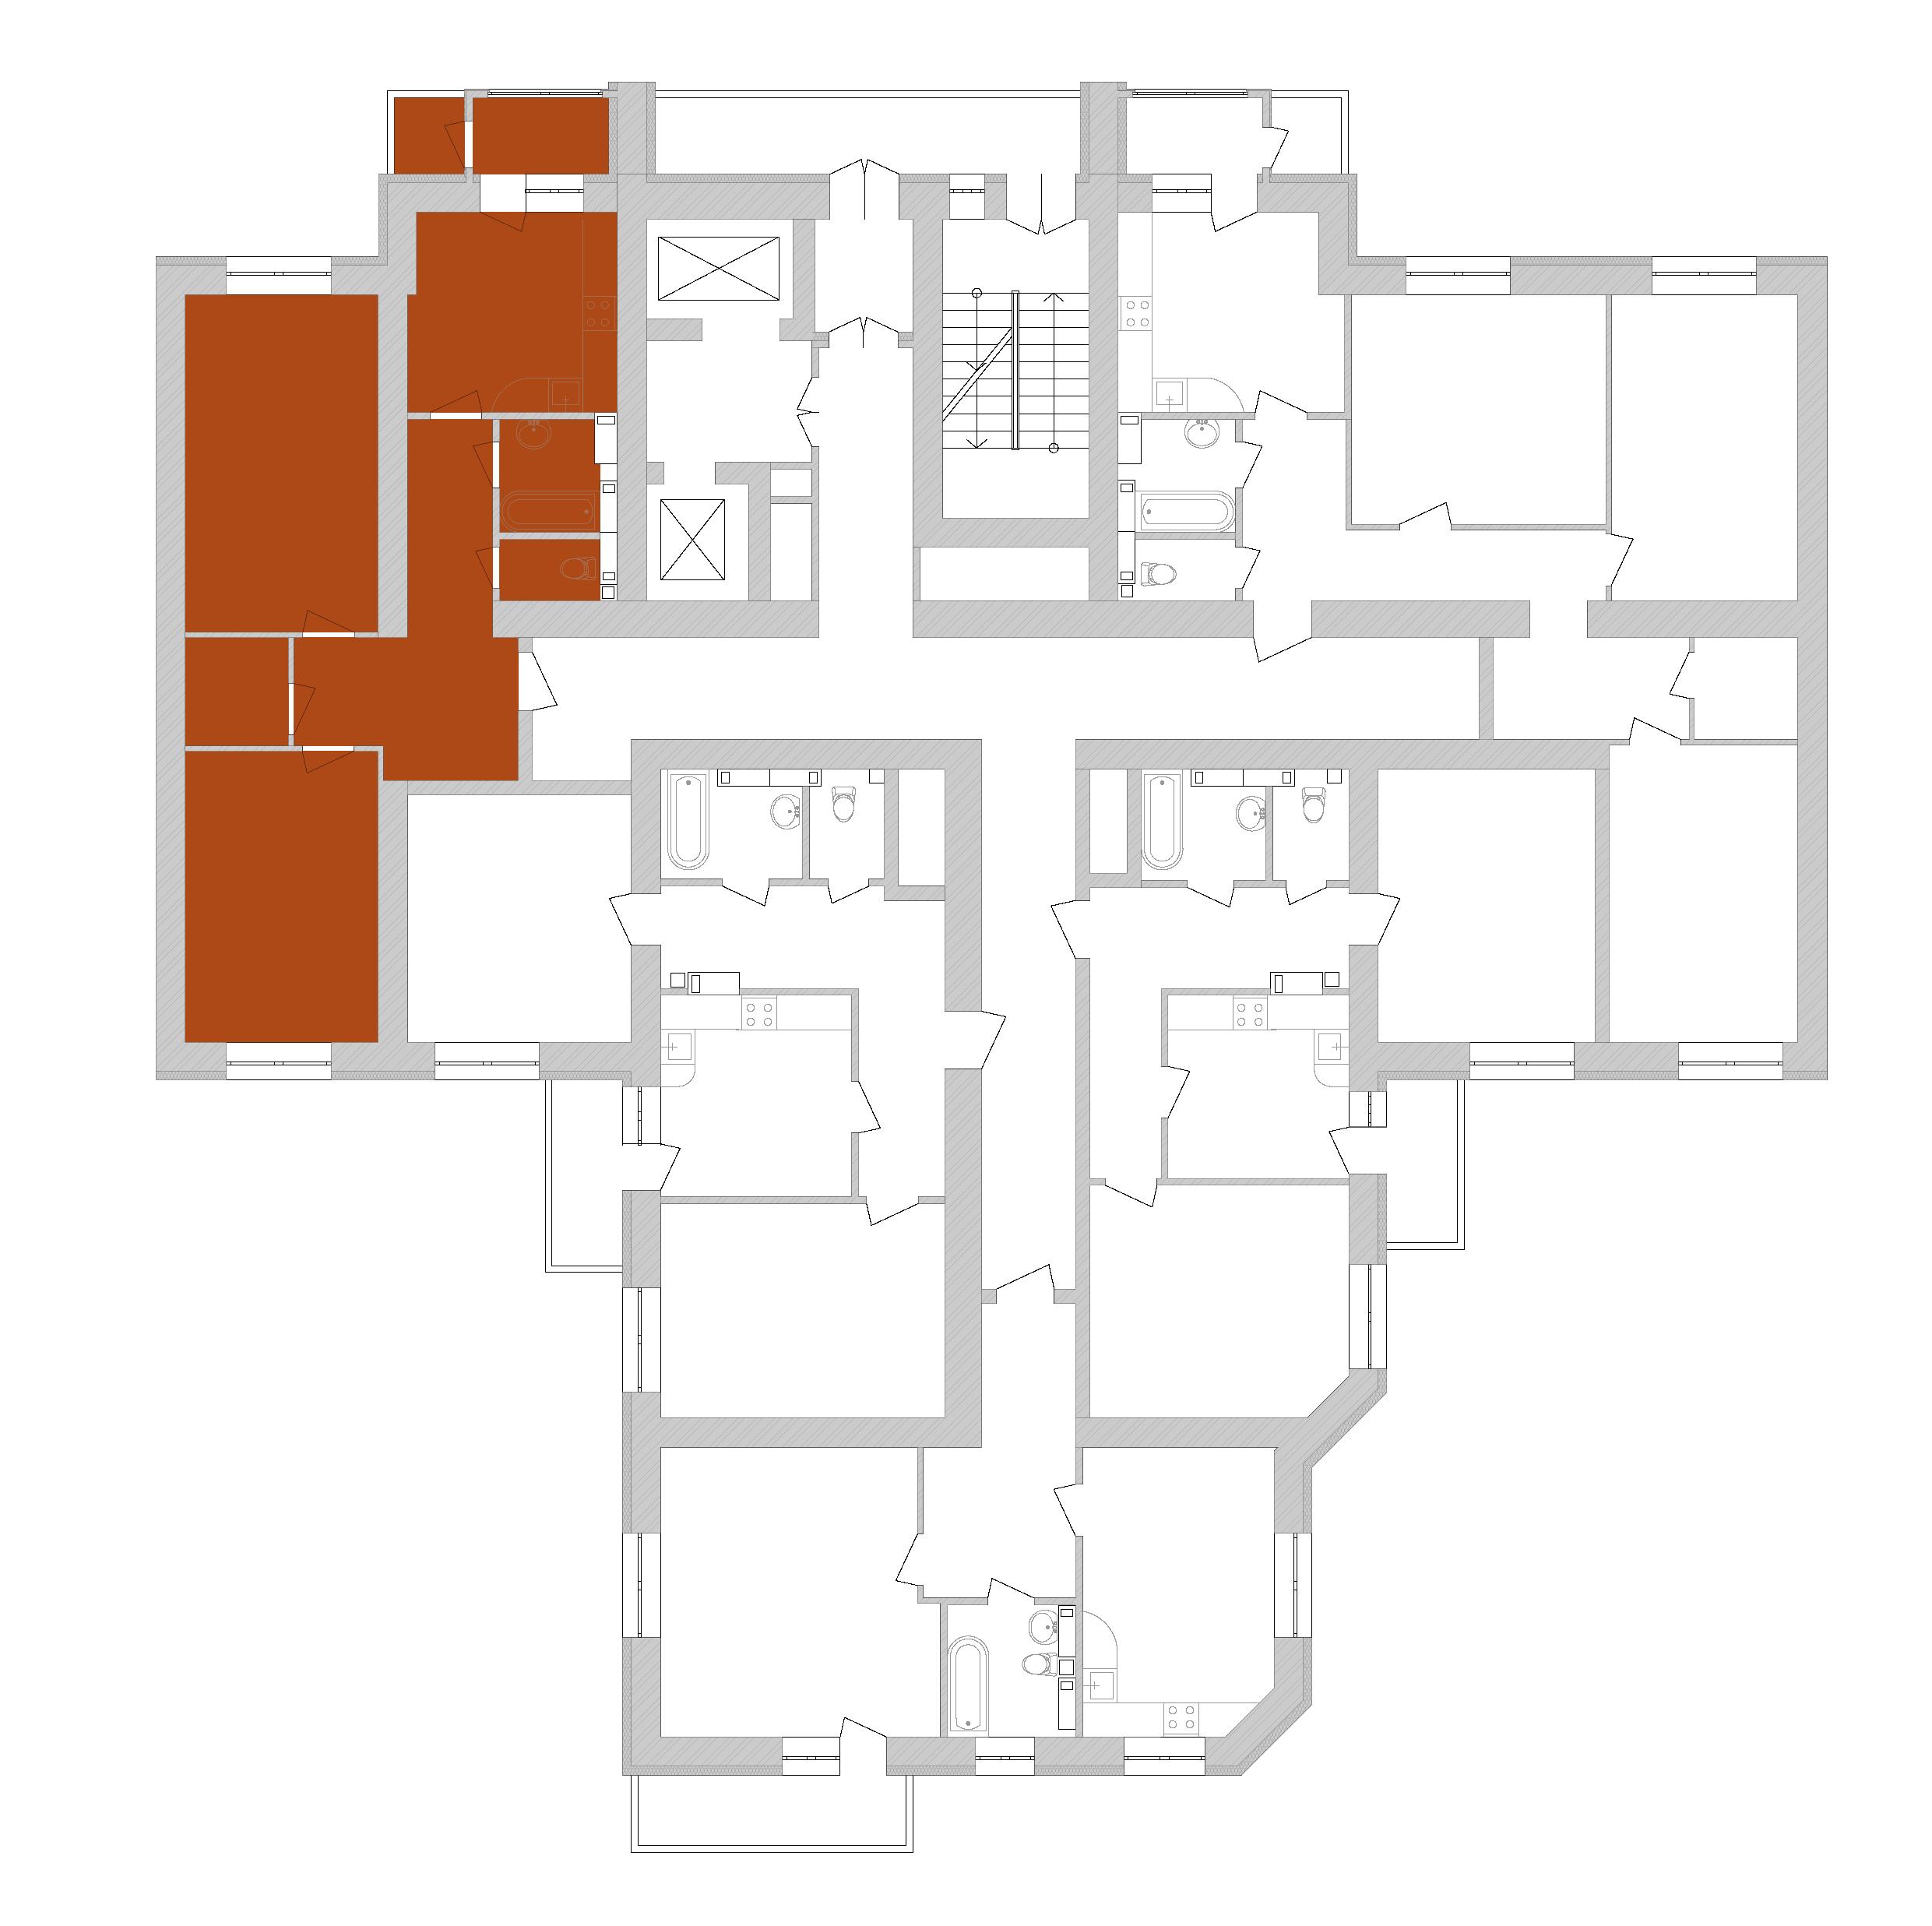 Двухкомнатная квартира 73,99 кв.м., тип 2.6, дом 1, секция 7 расположение на этаже